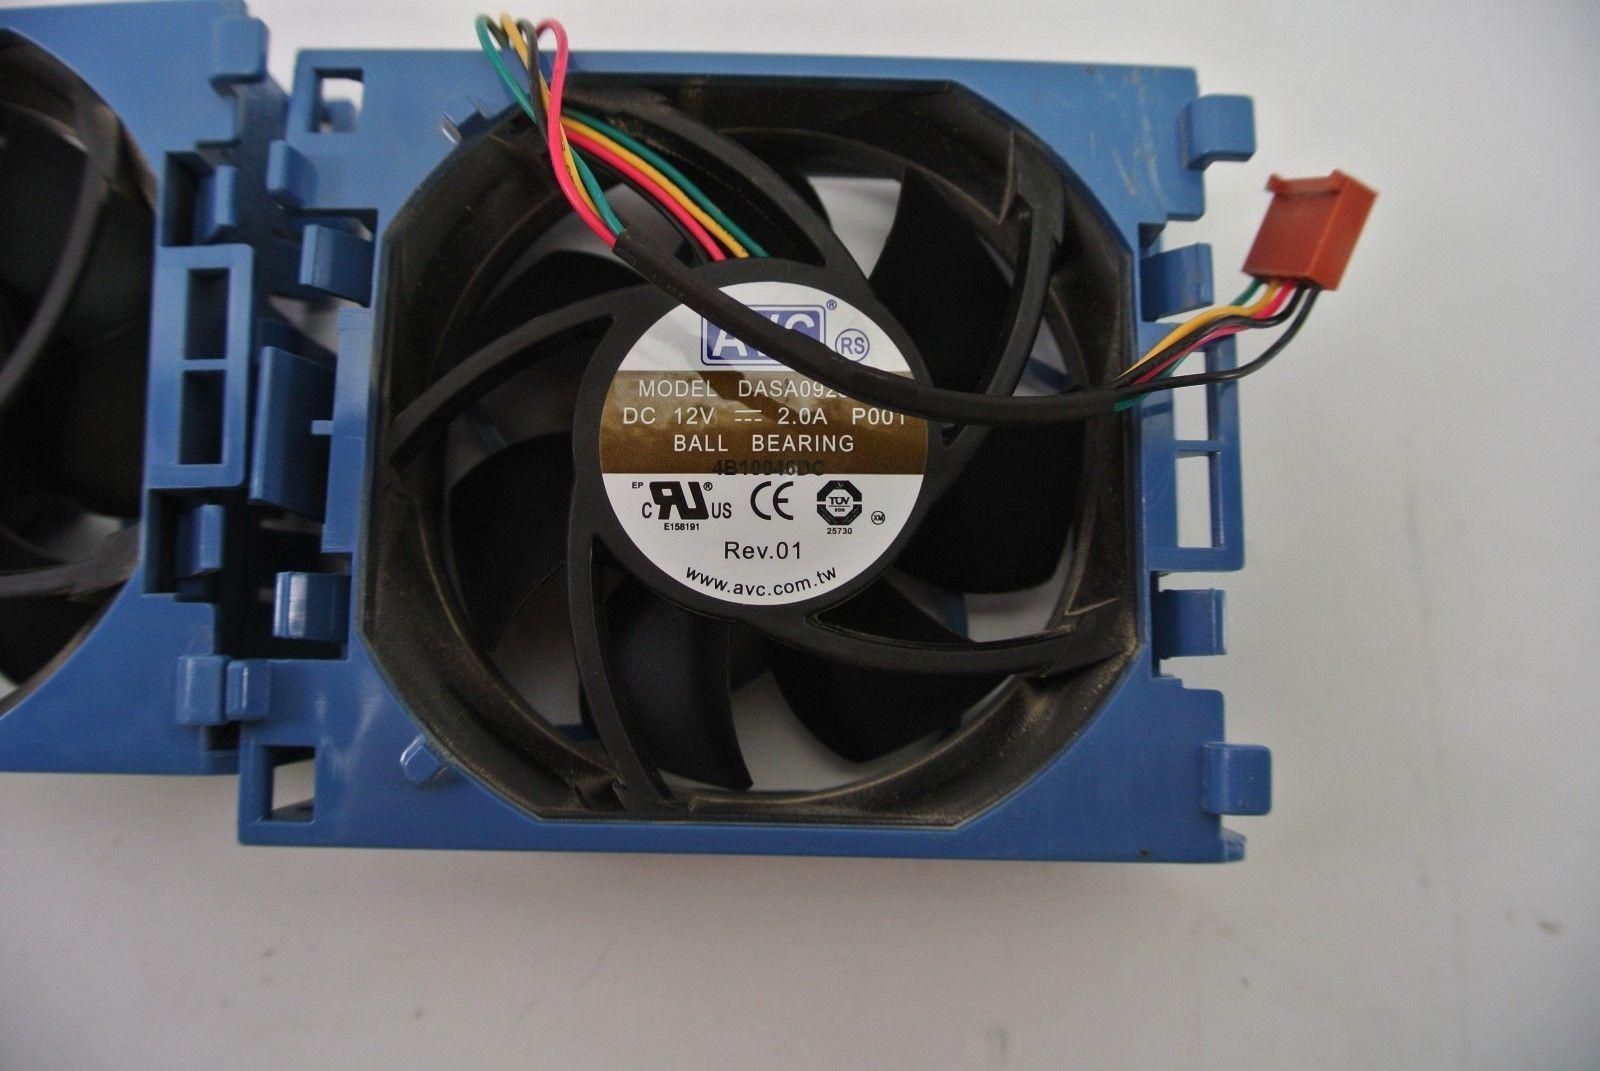 Lot of 5 HP Proliant DL380 G3 Hot-Swap Fan 279036-001